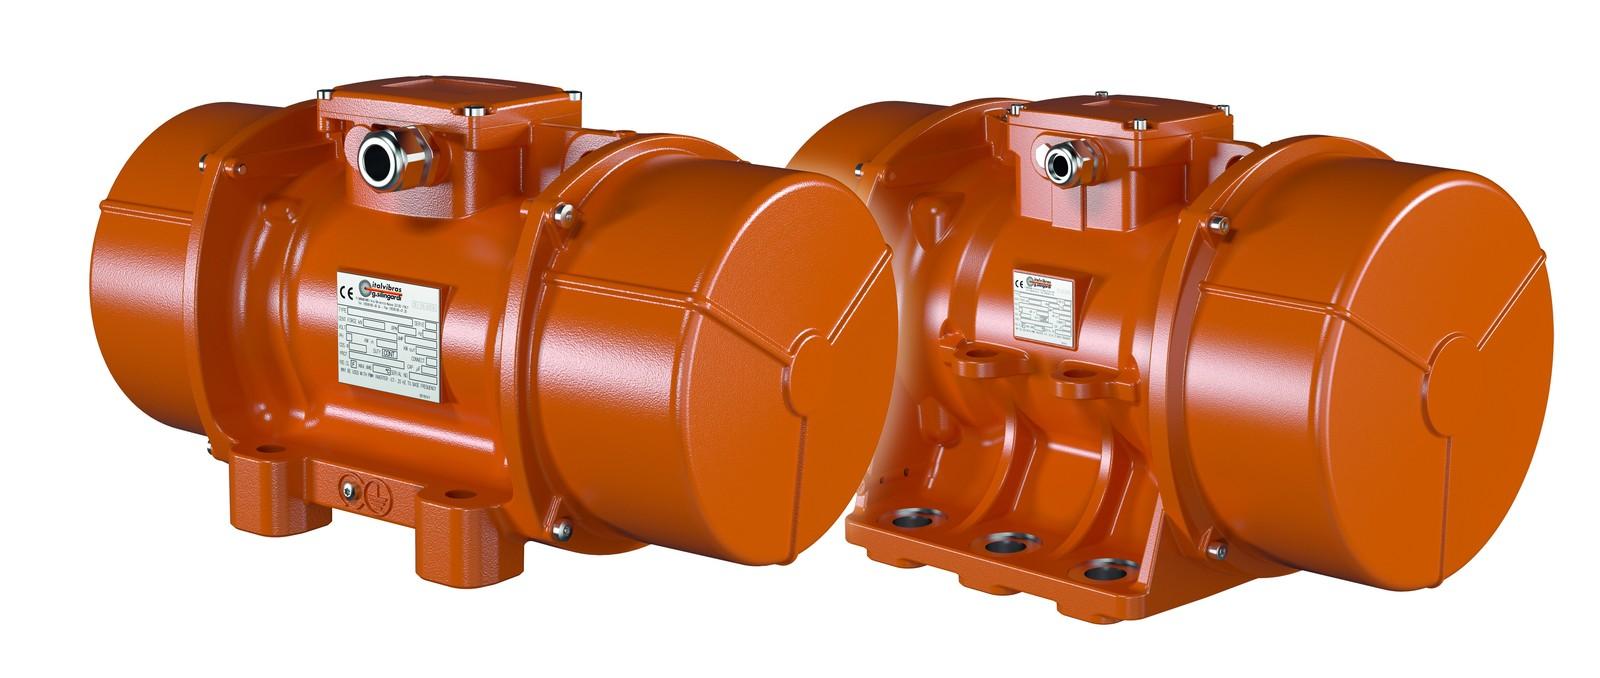 Außenrüttler (Unwuchtmotoren) sind das Spezialgebiet von Italvibras.